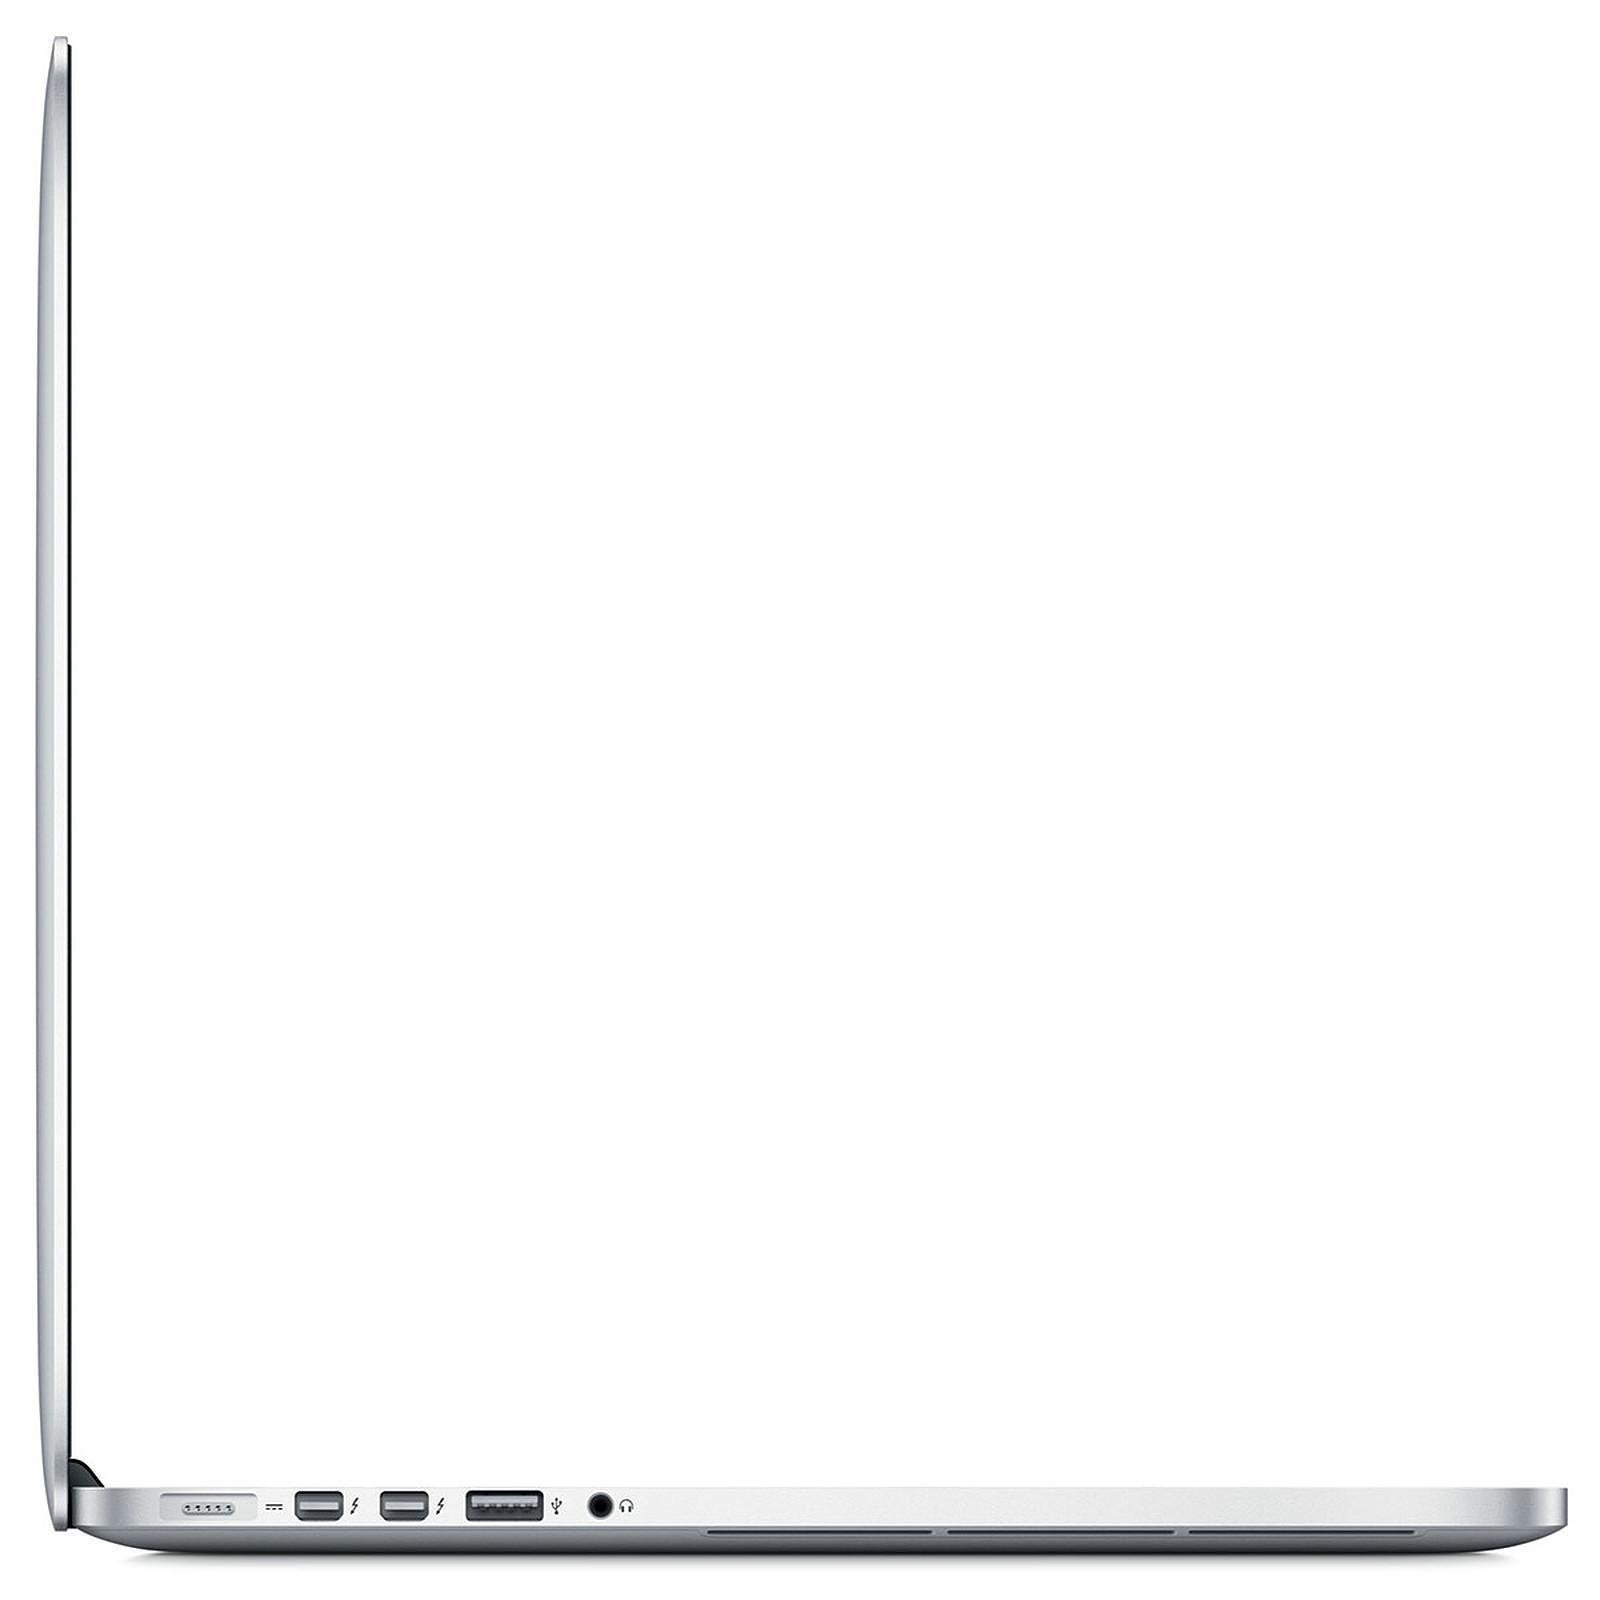 MacBook Pro Retina 15,4-tum (2012) - Core i7 - 8GB - SSD 512 GB QWERTY - Engelska (Storbritannien)